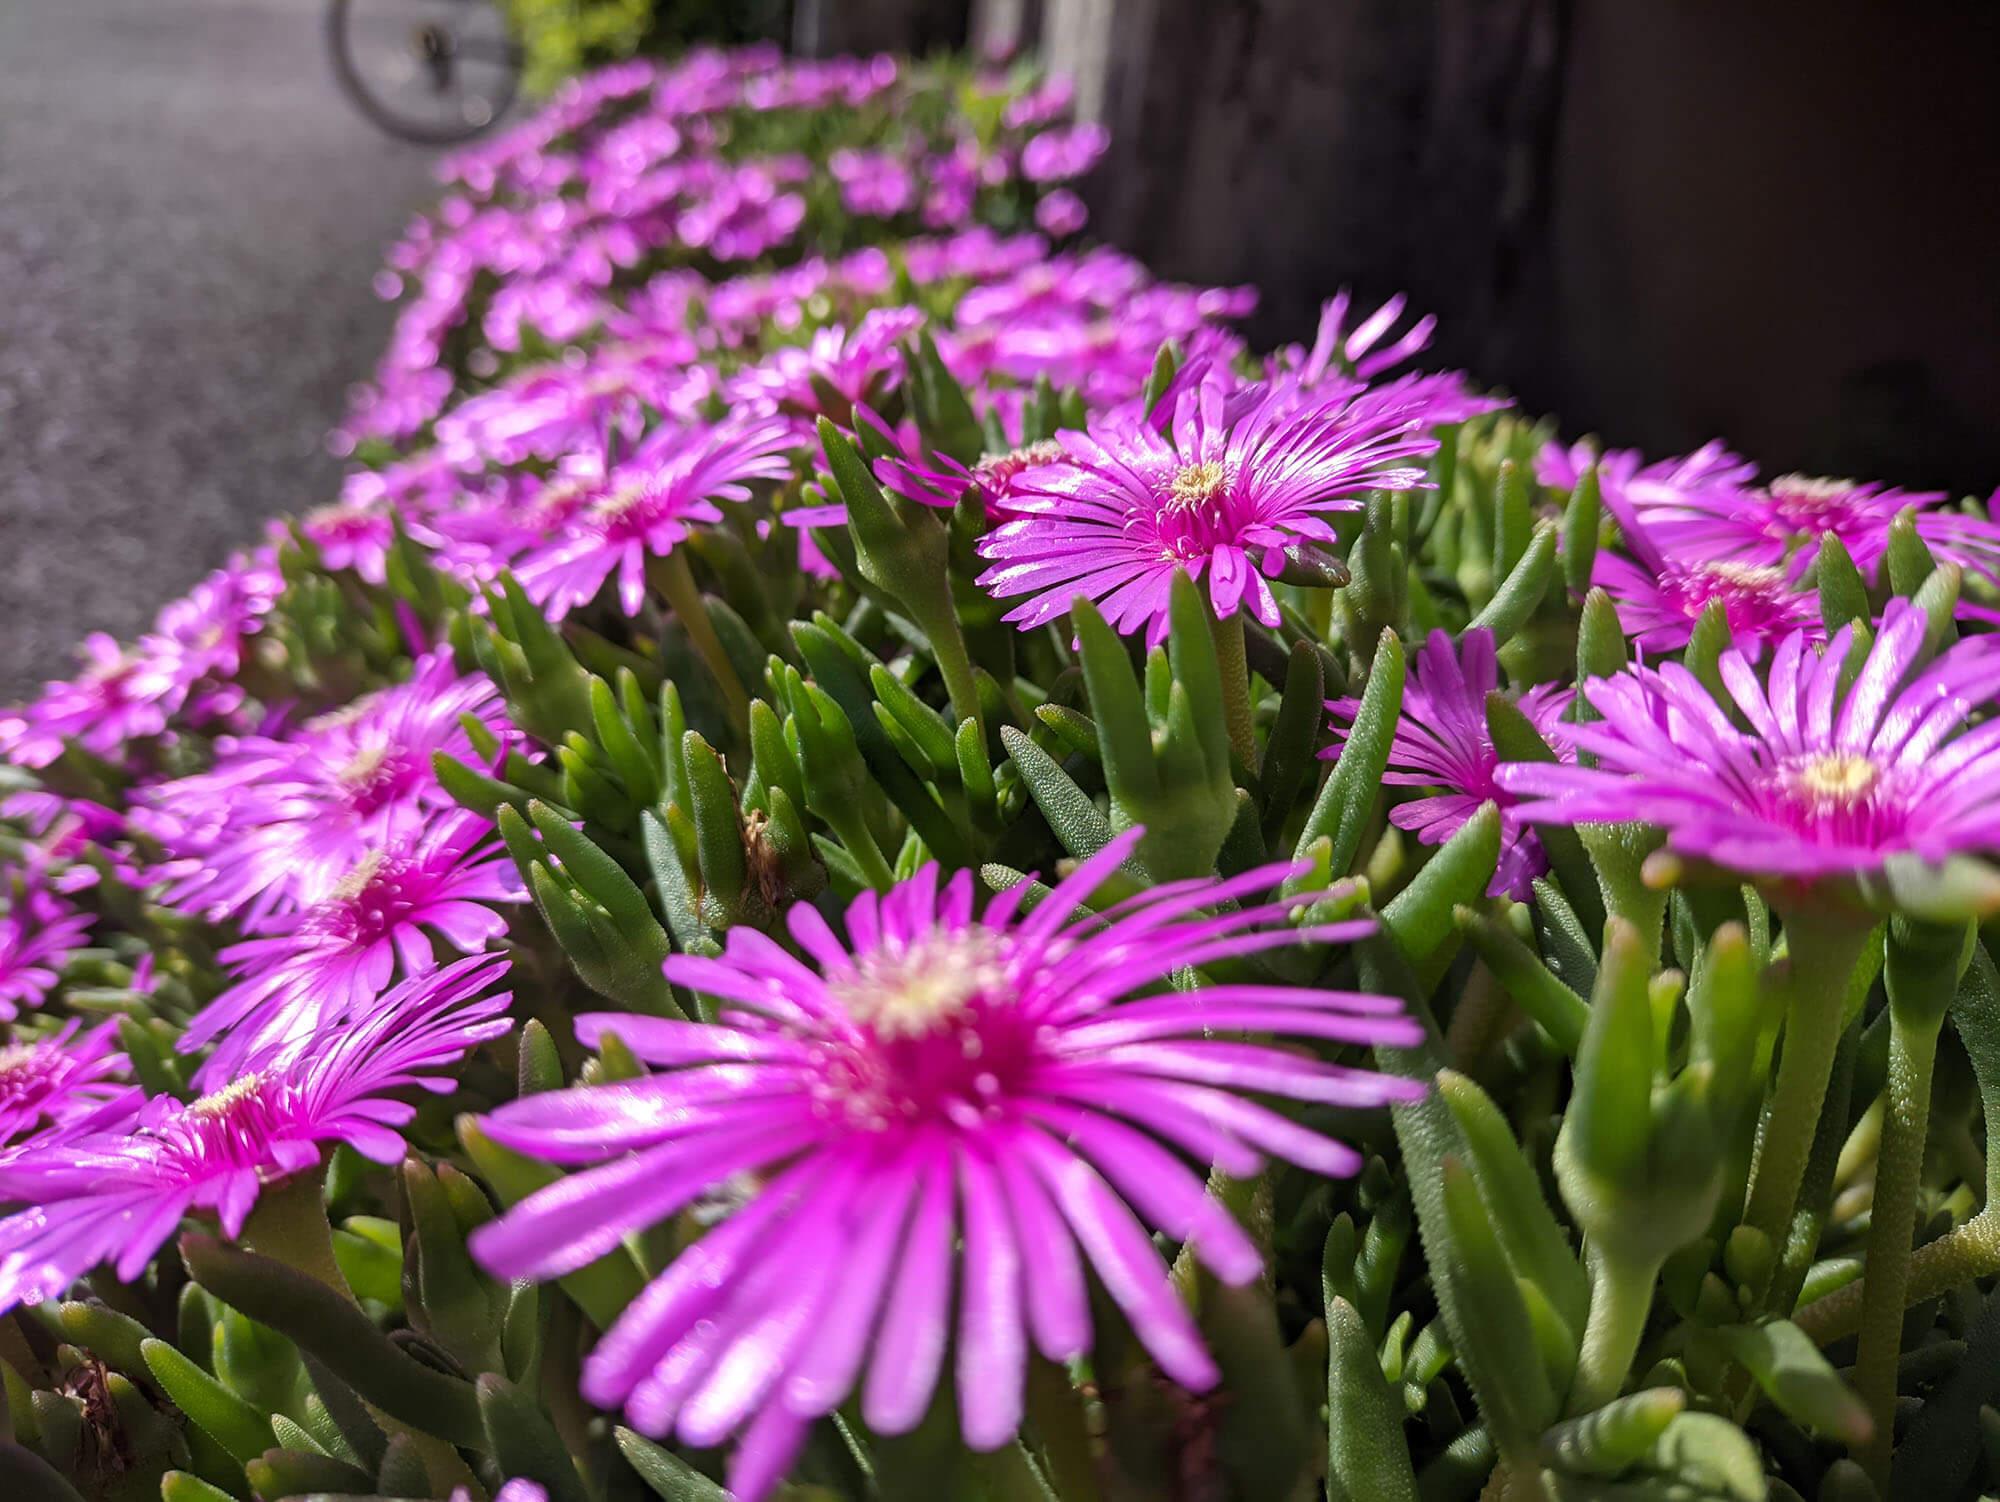 moto g30で撮影したピンクの花の写真